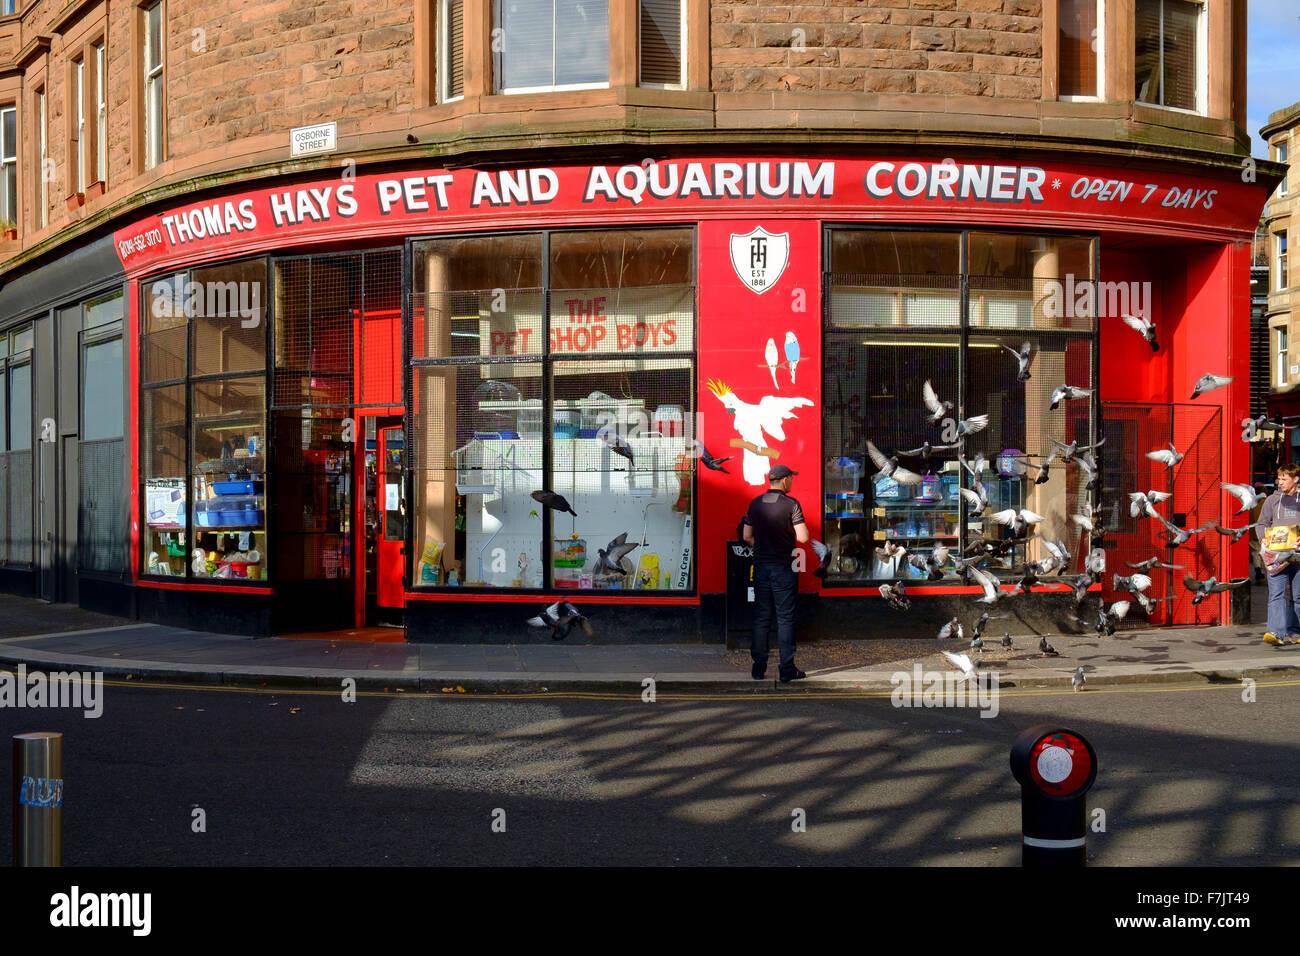 thomas hays pet shop aquarium corner glasgow uk - Stock Image